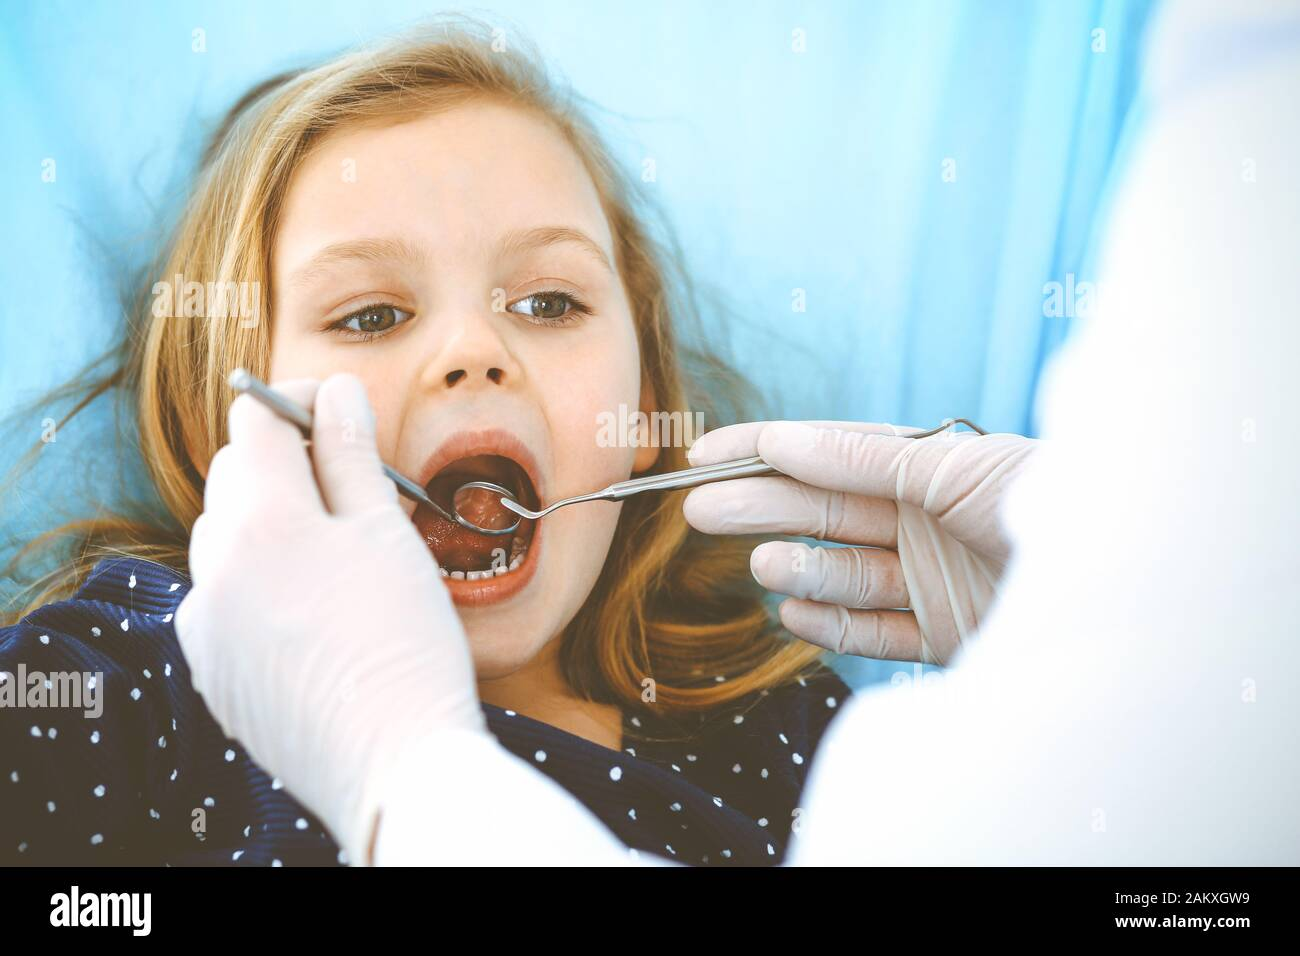 Hijita sentado en el sillón dental con la boca abierta durante la revisión oral al médico. Visitando la oficina de dentista. Concepto de medicina. Foto de tonos Foto de stock